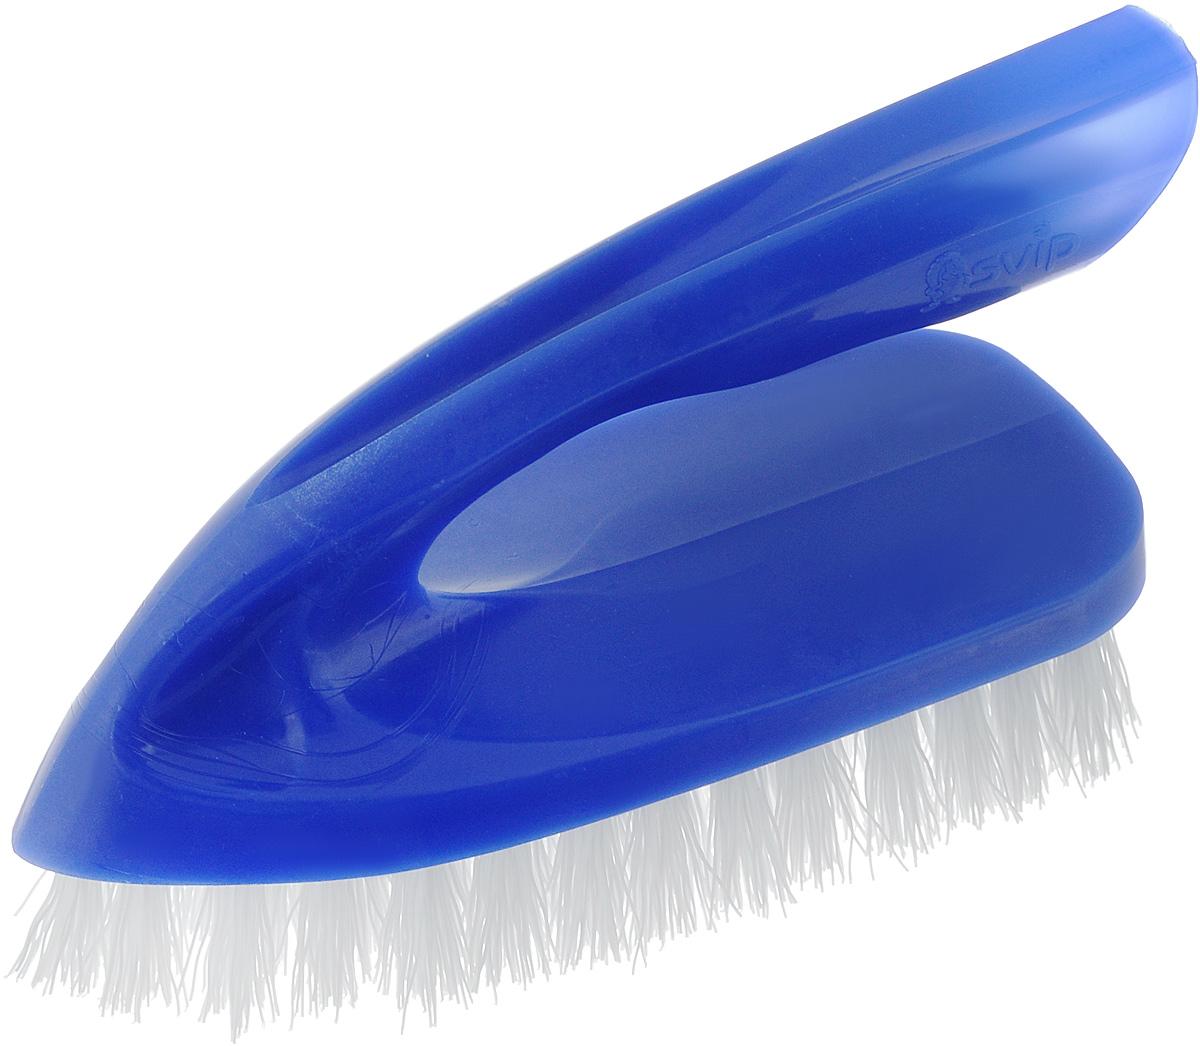 Щетка для одежды Svip Утюжок Мега. Классика, цвет: синий, 14 х 6 х 8,5 смSS 4041Щетка для одежды Svip Утюжок Мега. Классика, изготовлена из высококачественного полипропилена и предназначена для удаления ворсинок, волос, пыли и шерсти животных с различных поверхностей.Щетка имеет удобную ручку, обеспечивающую удобный хват.Щетина средней жесткости не повреждает поверхность.Щетка для одежды Svip Утюжок Мега. Классика станет незаменимым аксессуаром в вашем доме или автомобиле.Длина щетины: 2,5 см, Размер щетки: 14 х 6 х 8,5 см.